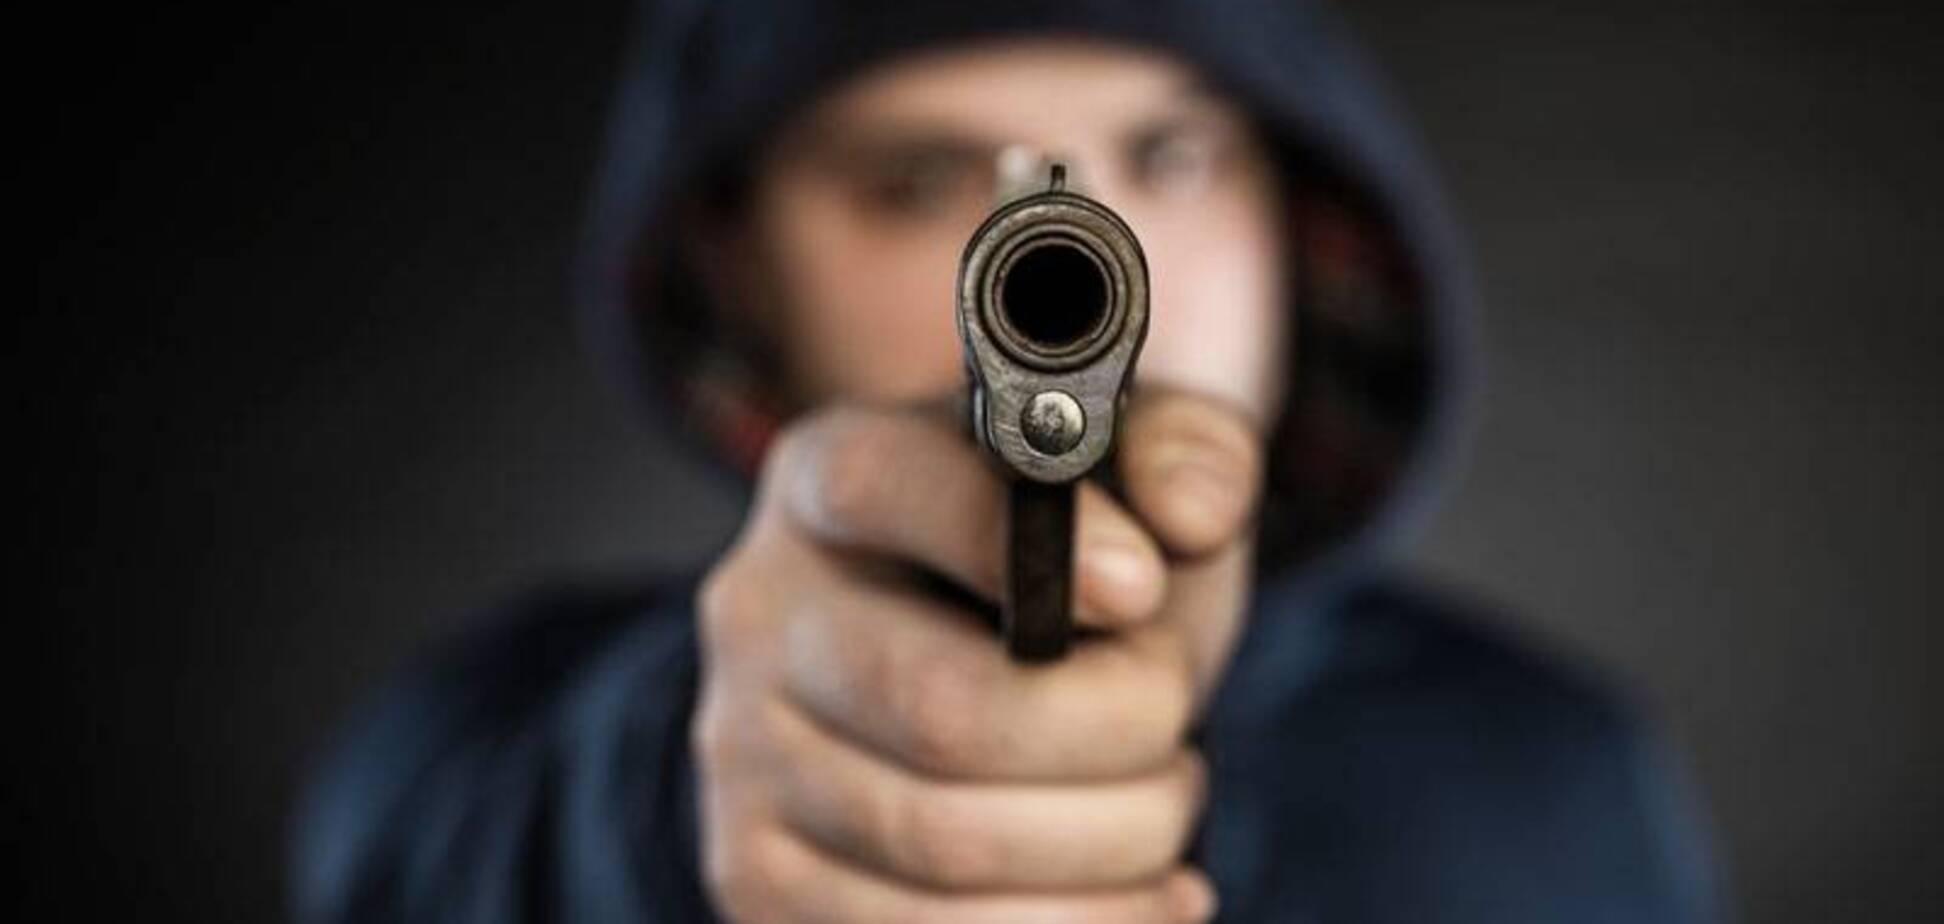 Вооруженный налет в Николаеве: пятеро бандитов выбивали из жертв 'несметные богатства'